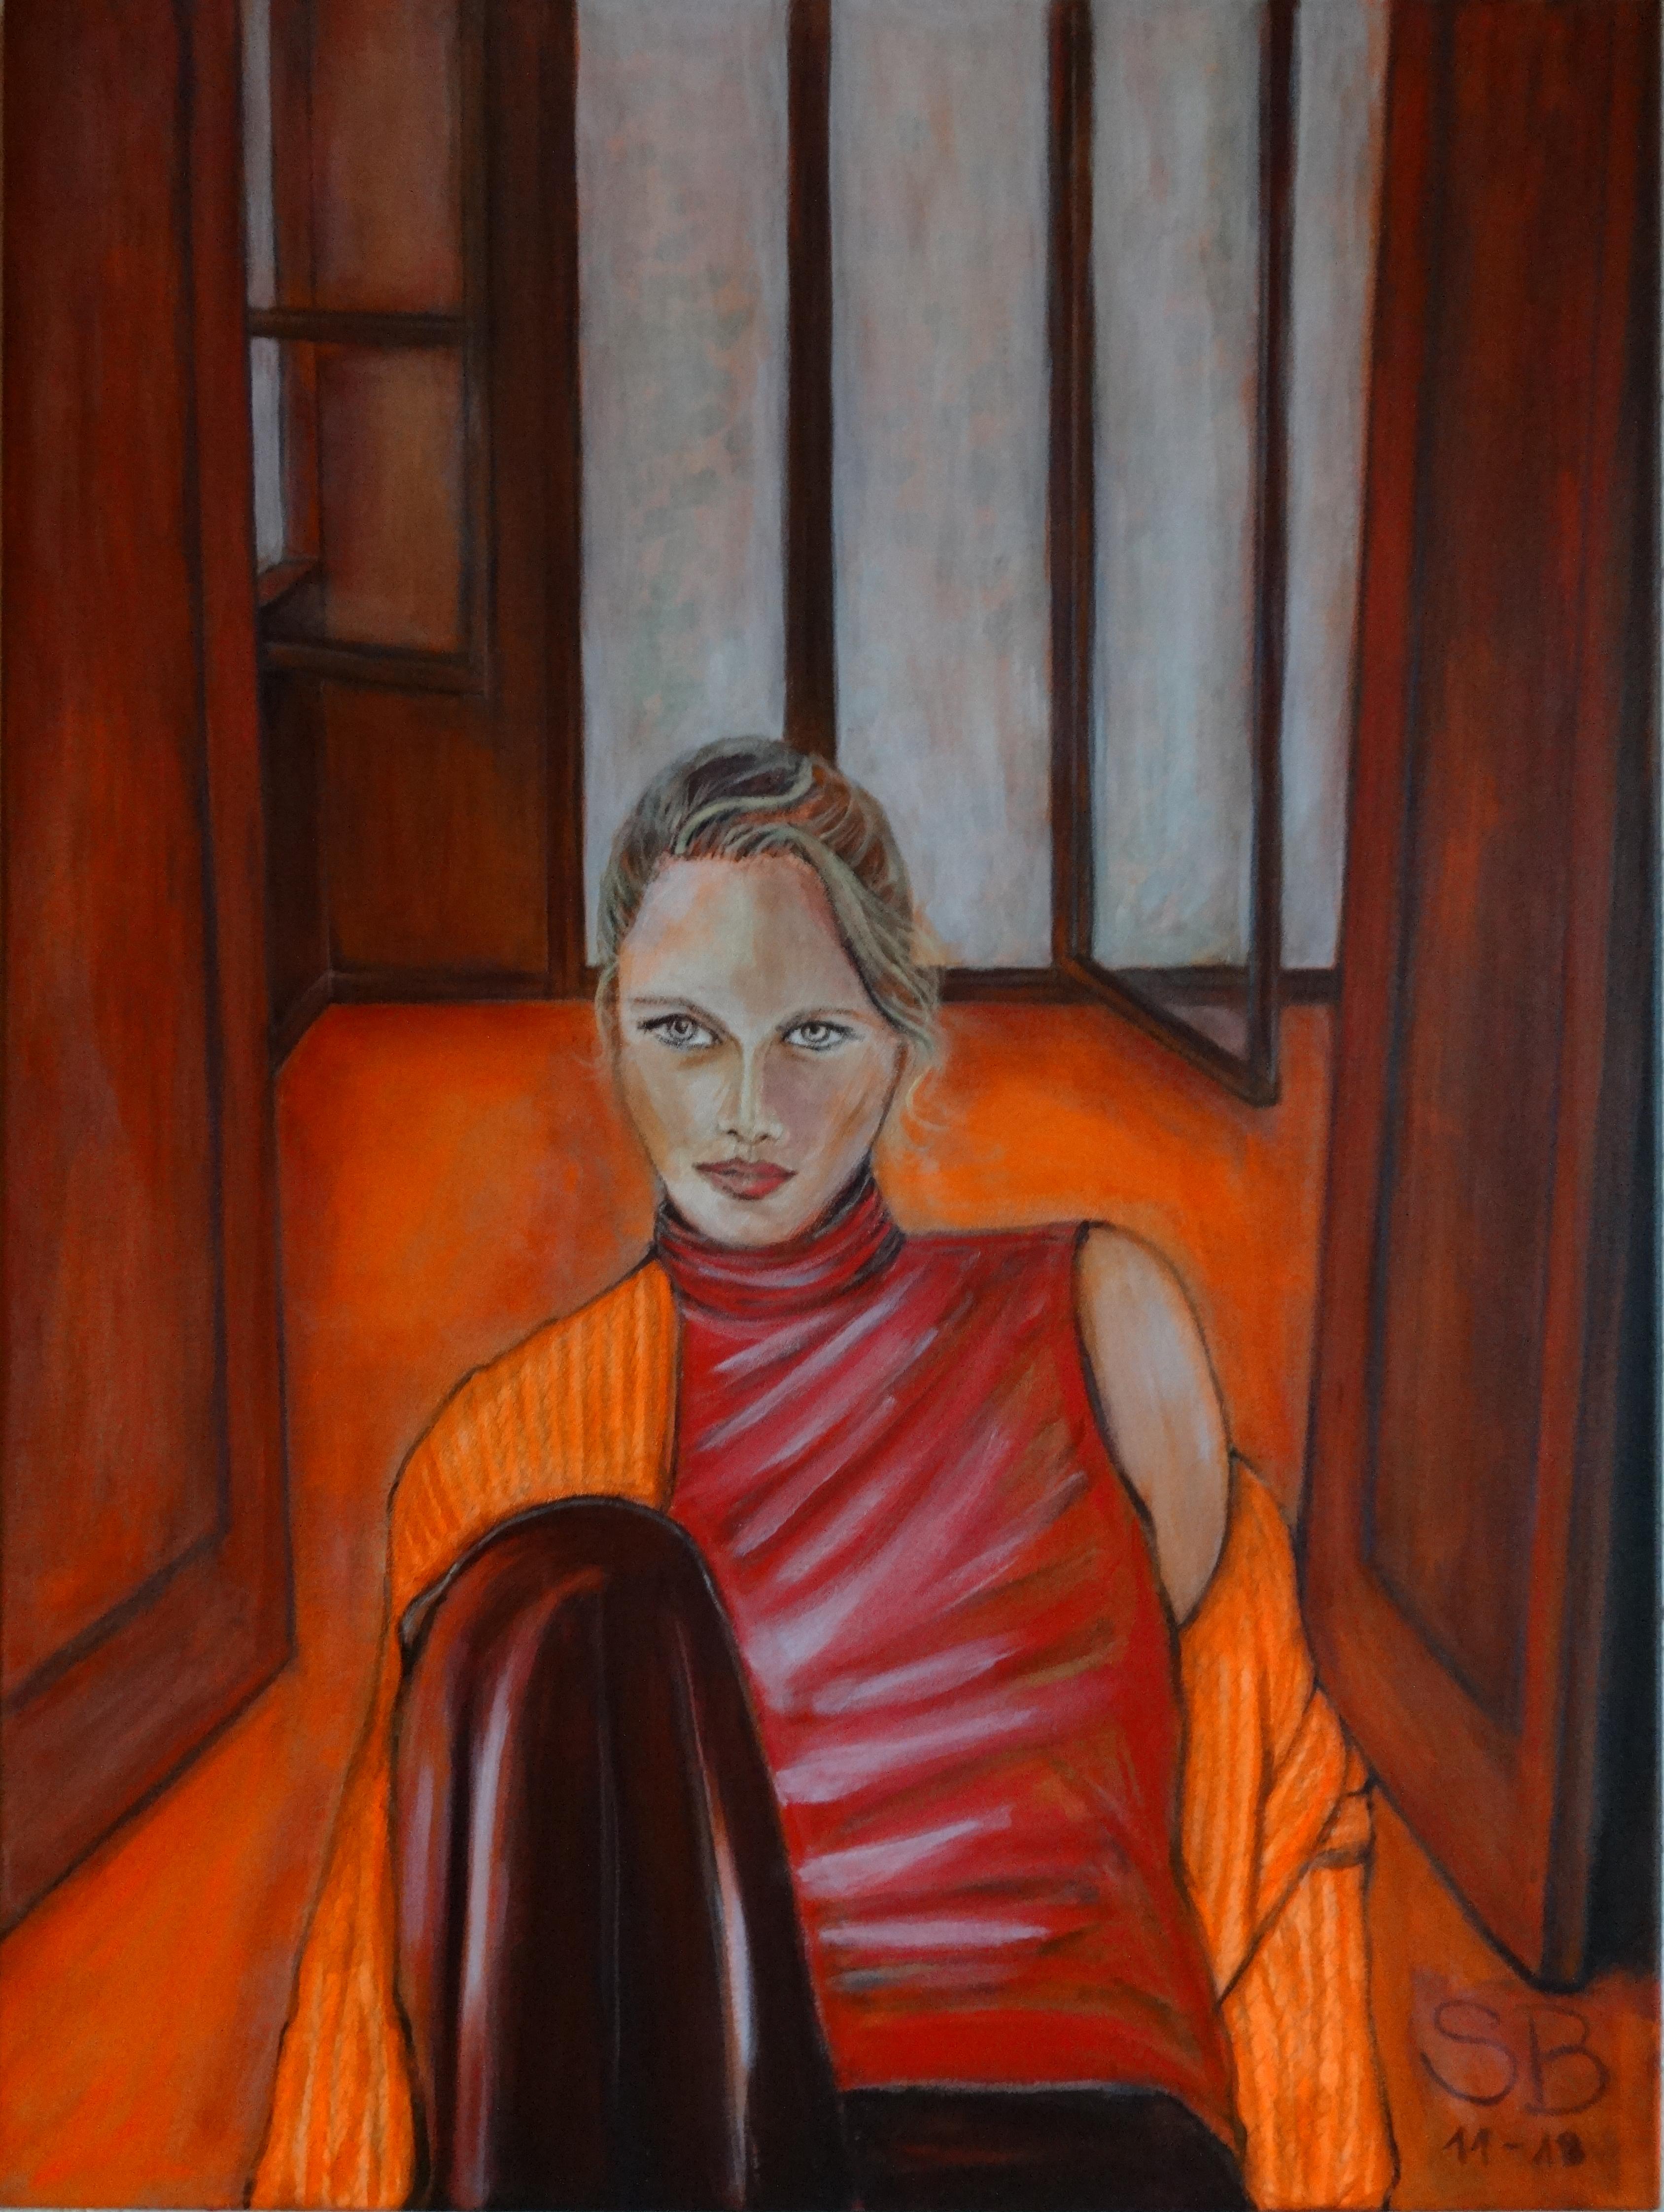 Red Veranda Room